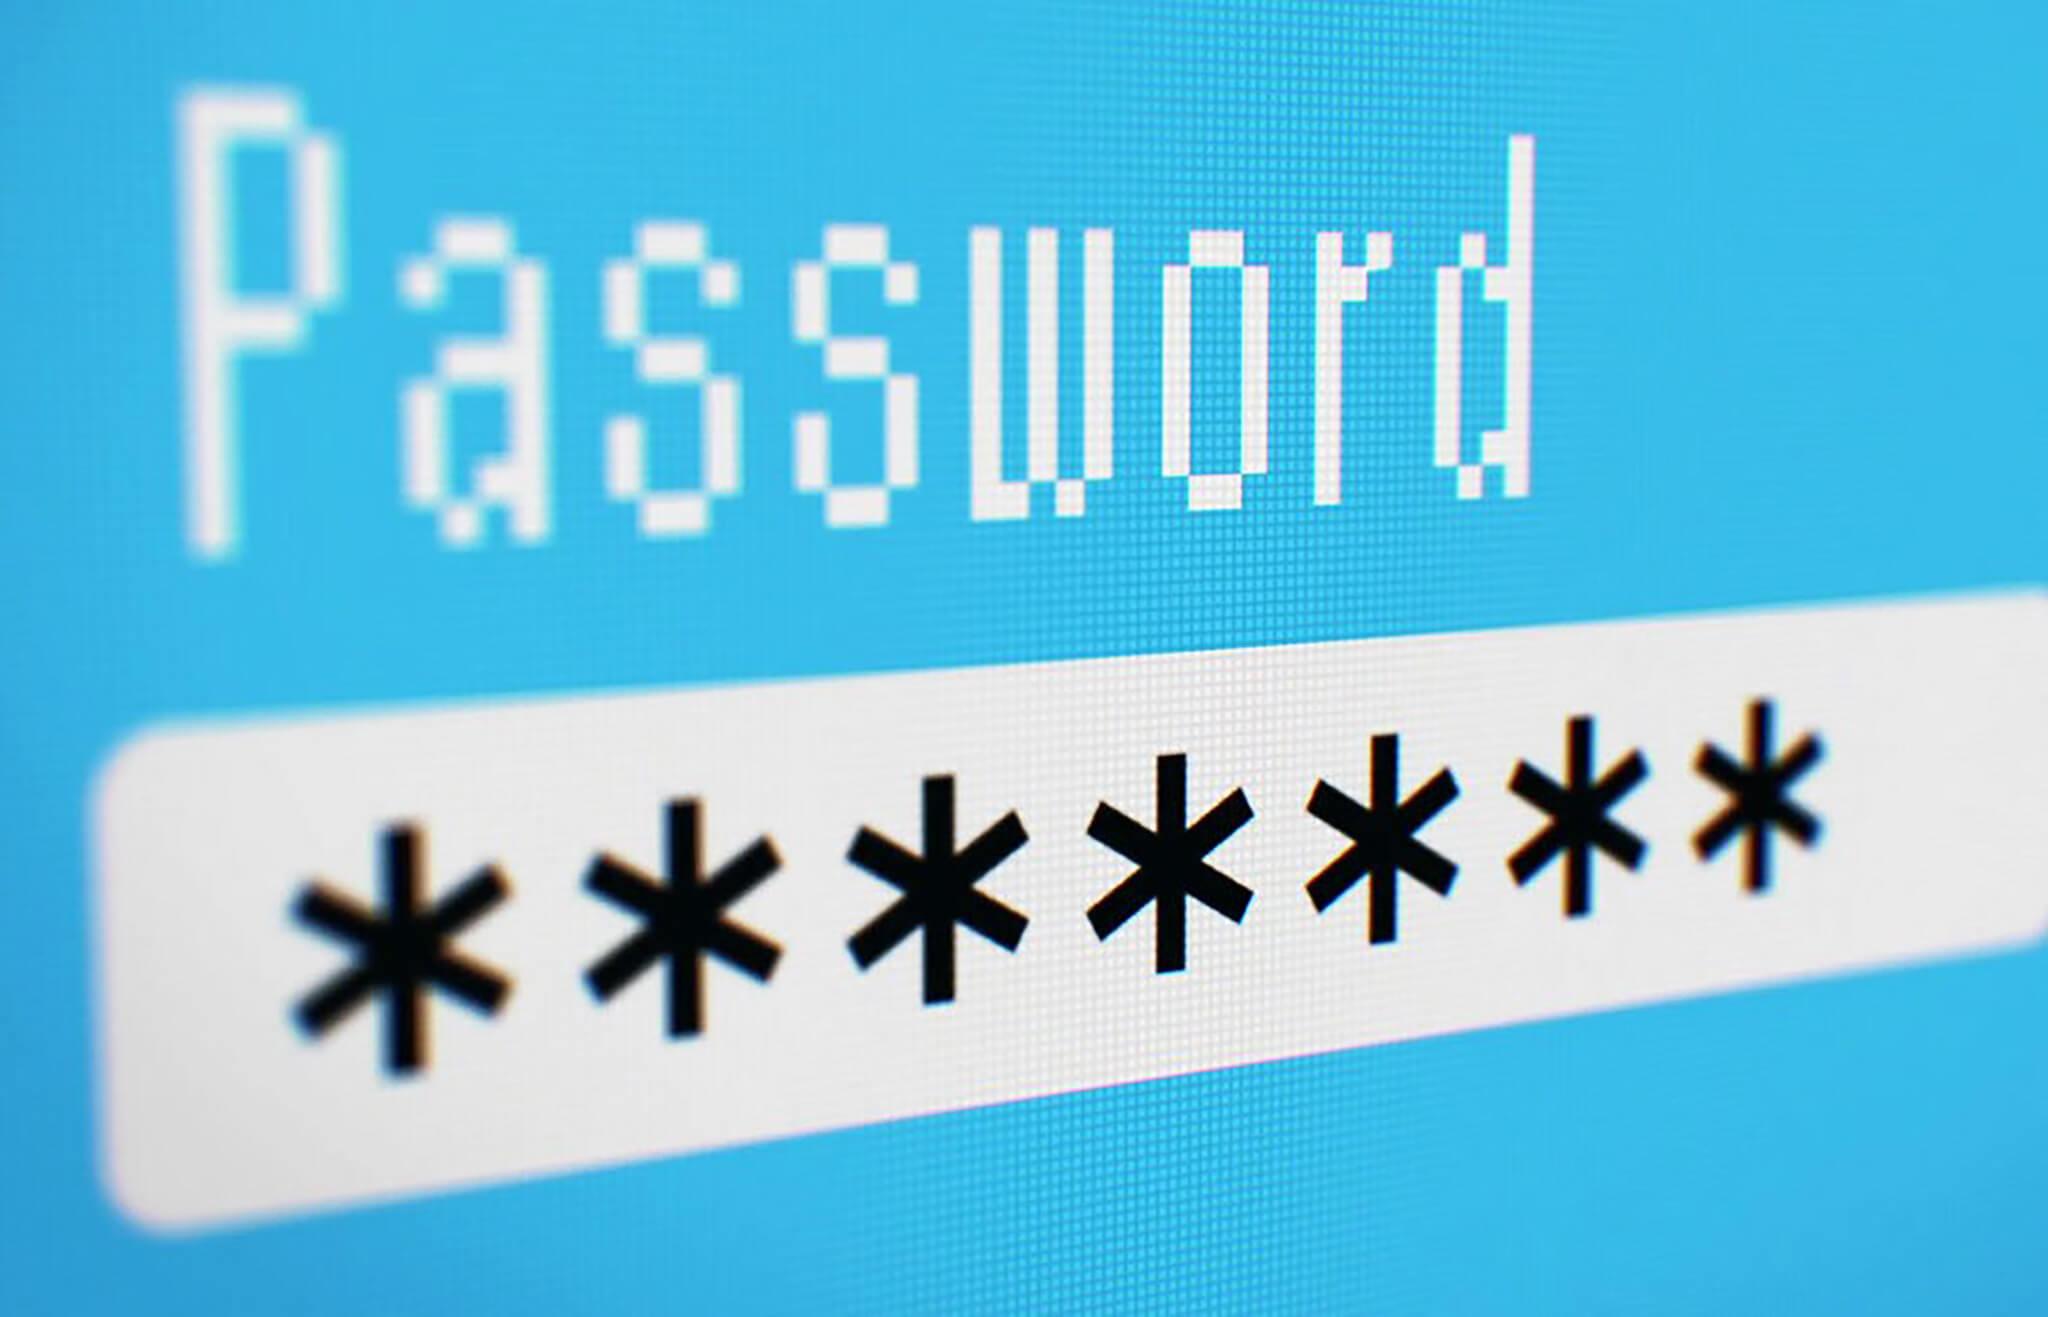 Boost Creators over veilige wachtwoorden